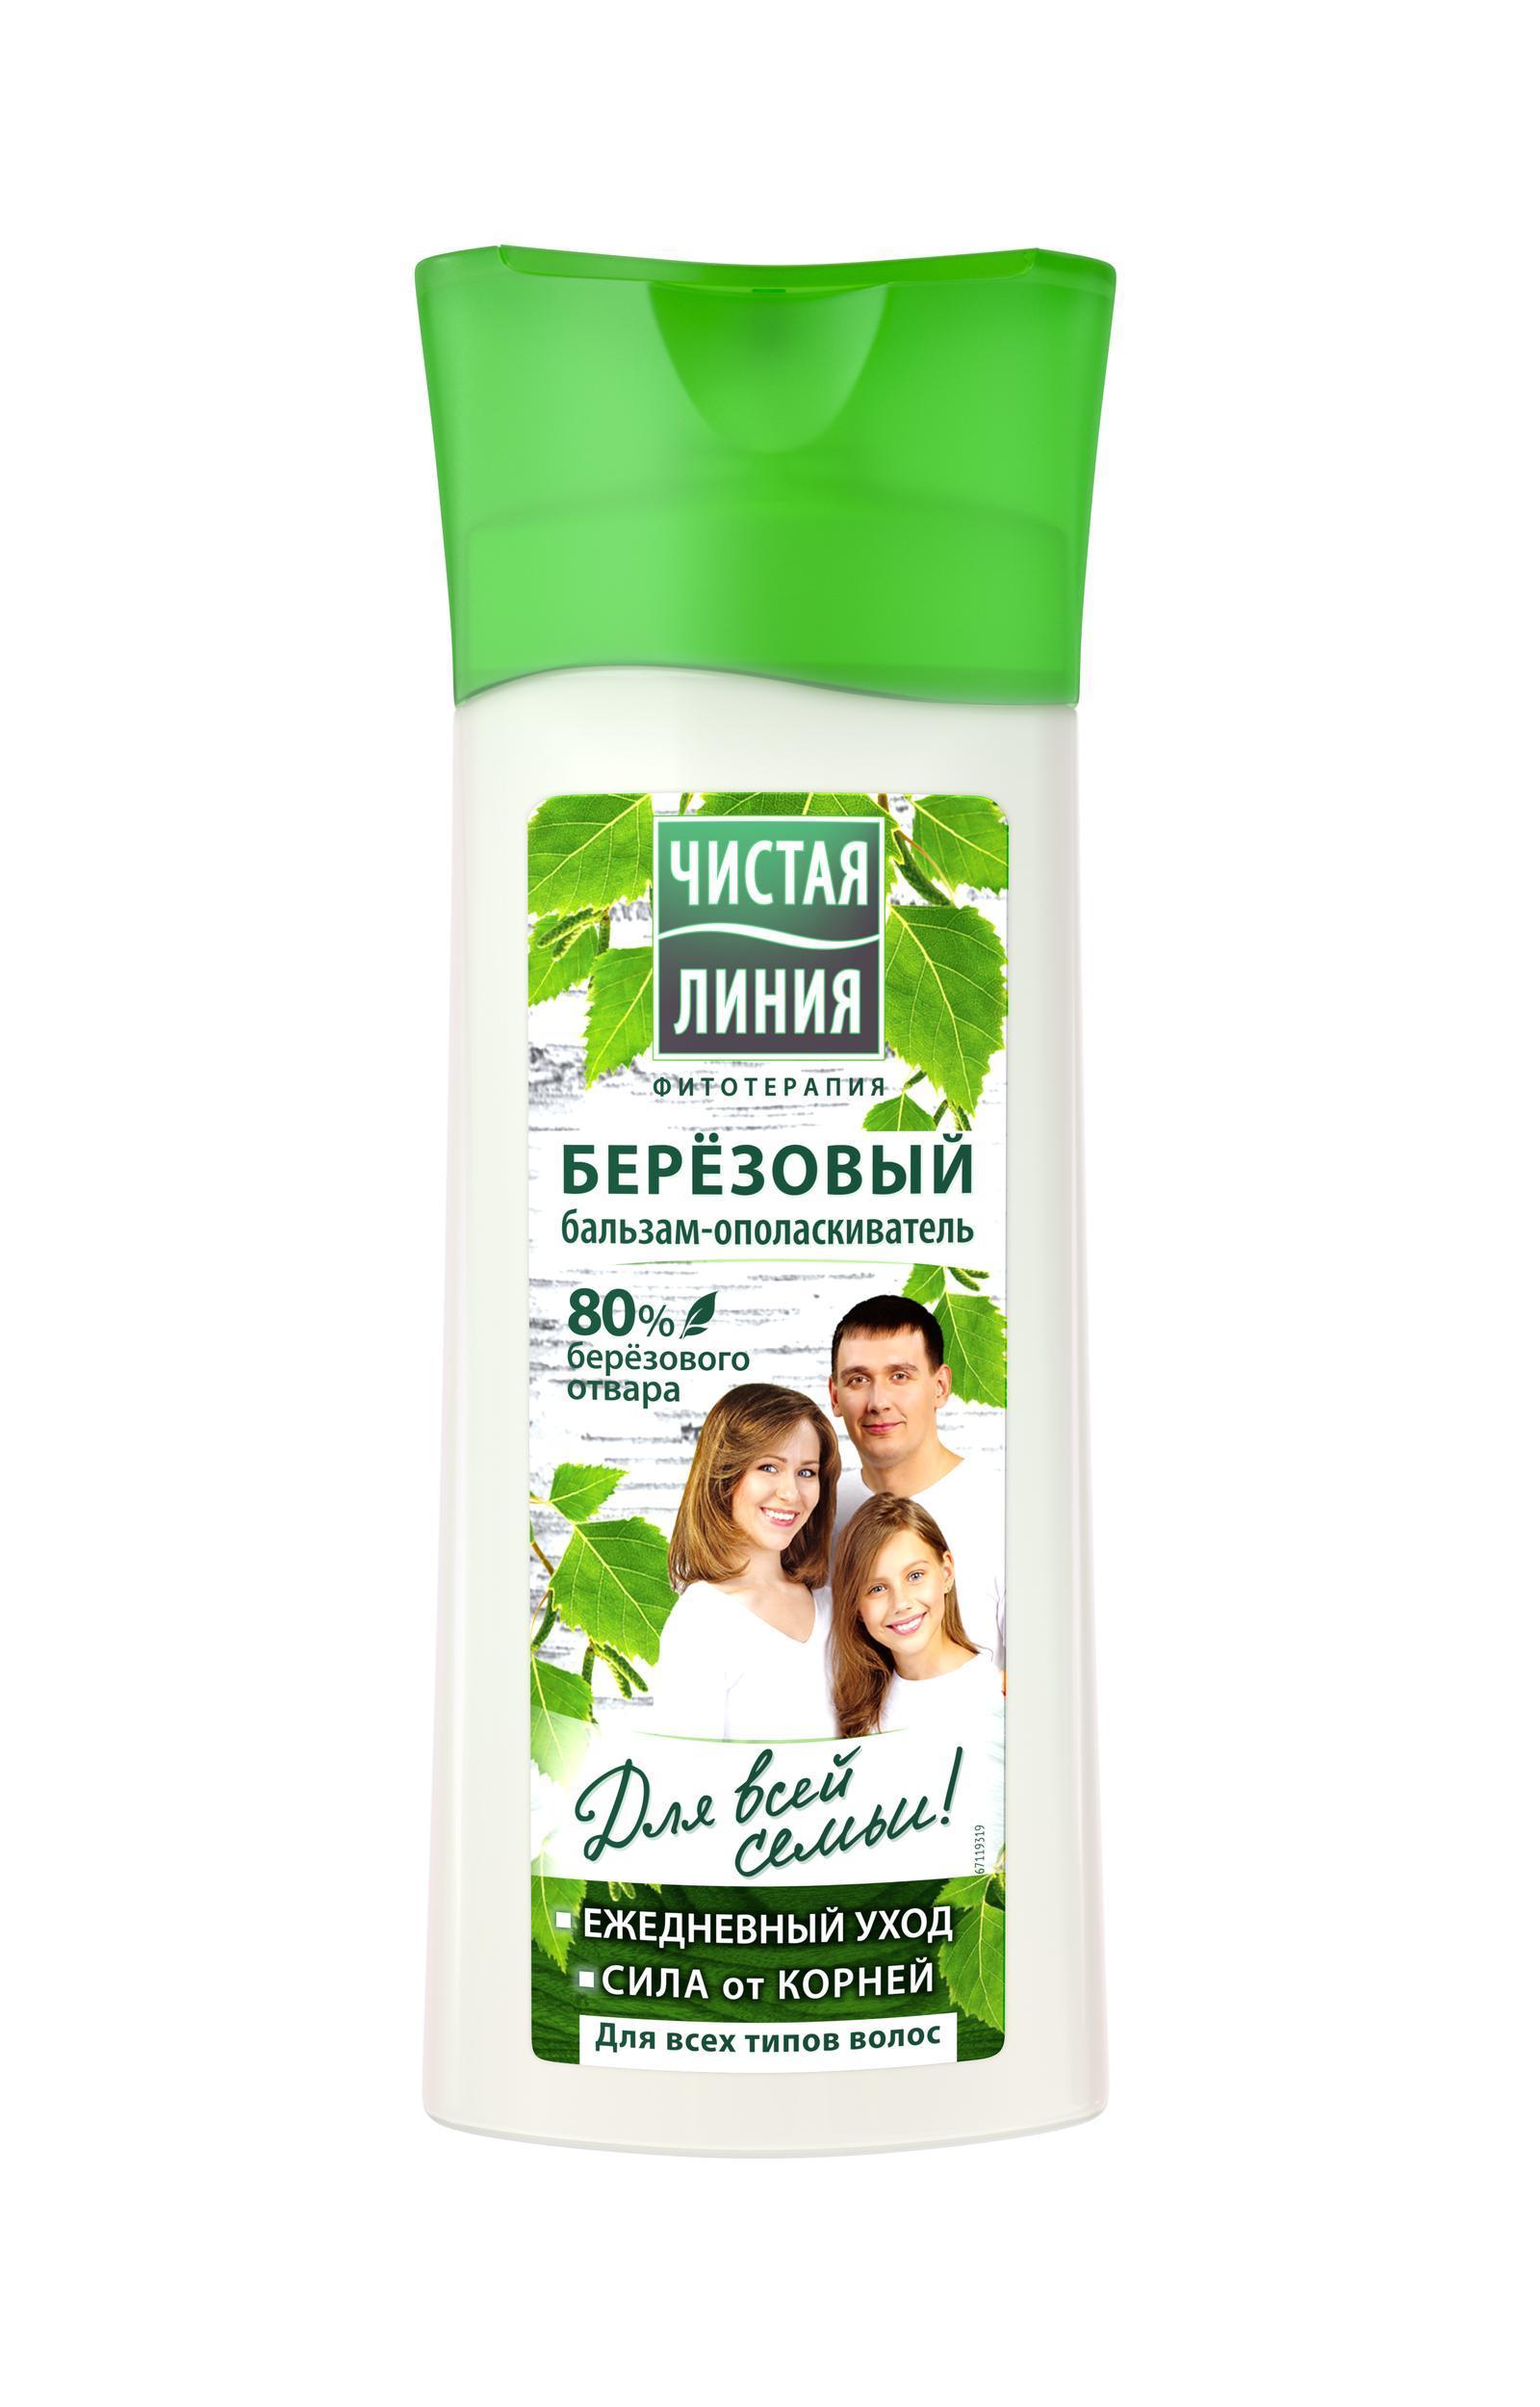 Шампунь Чистая линия Березовый Для всех типов волос